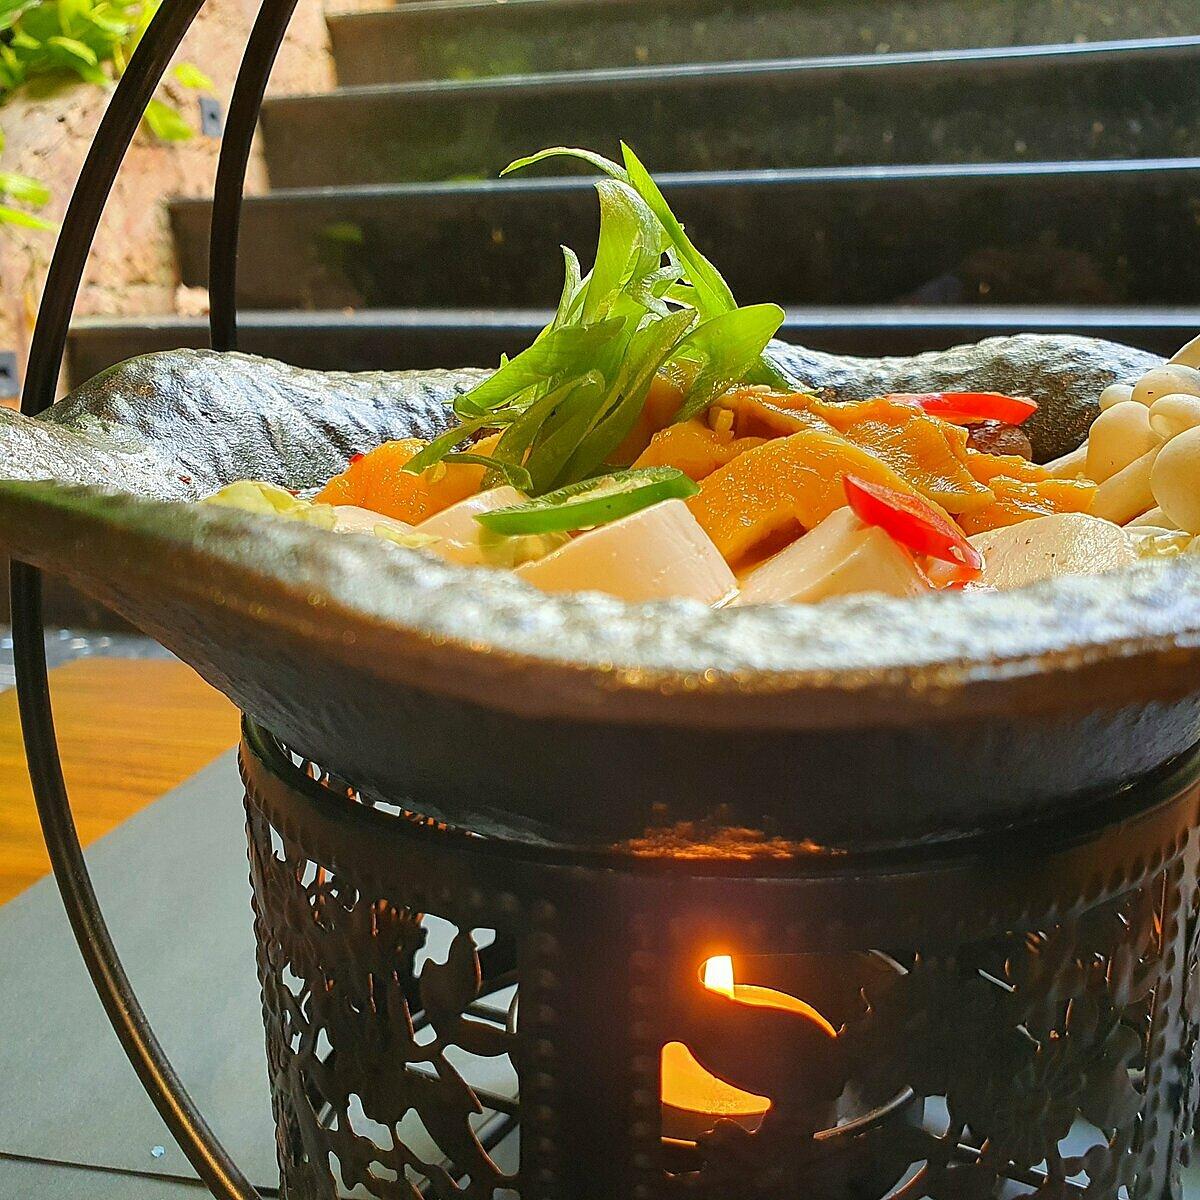 Một số món ăn chế biến từ Hoya sâm biển Nhật Bản - 12